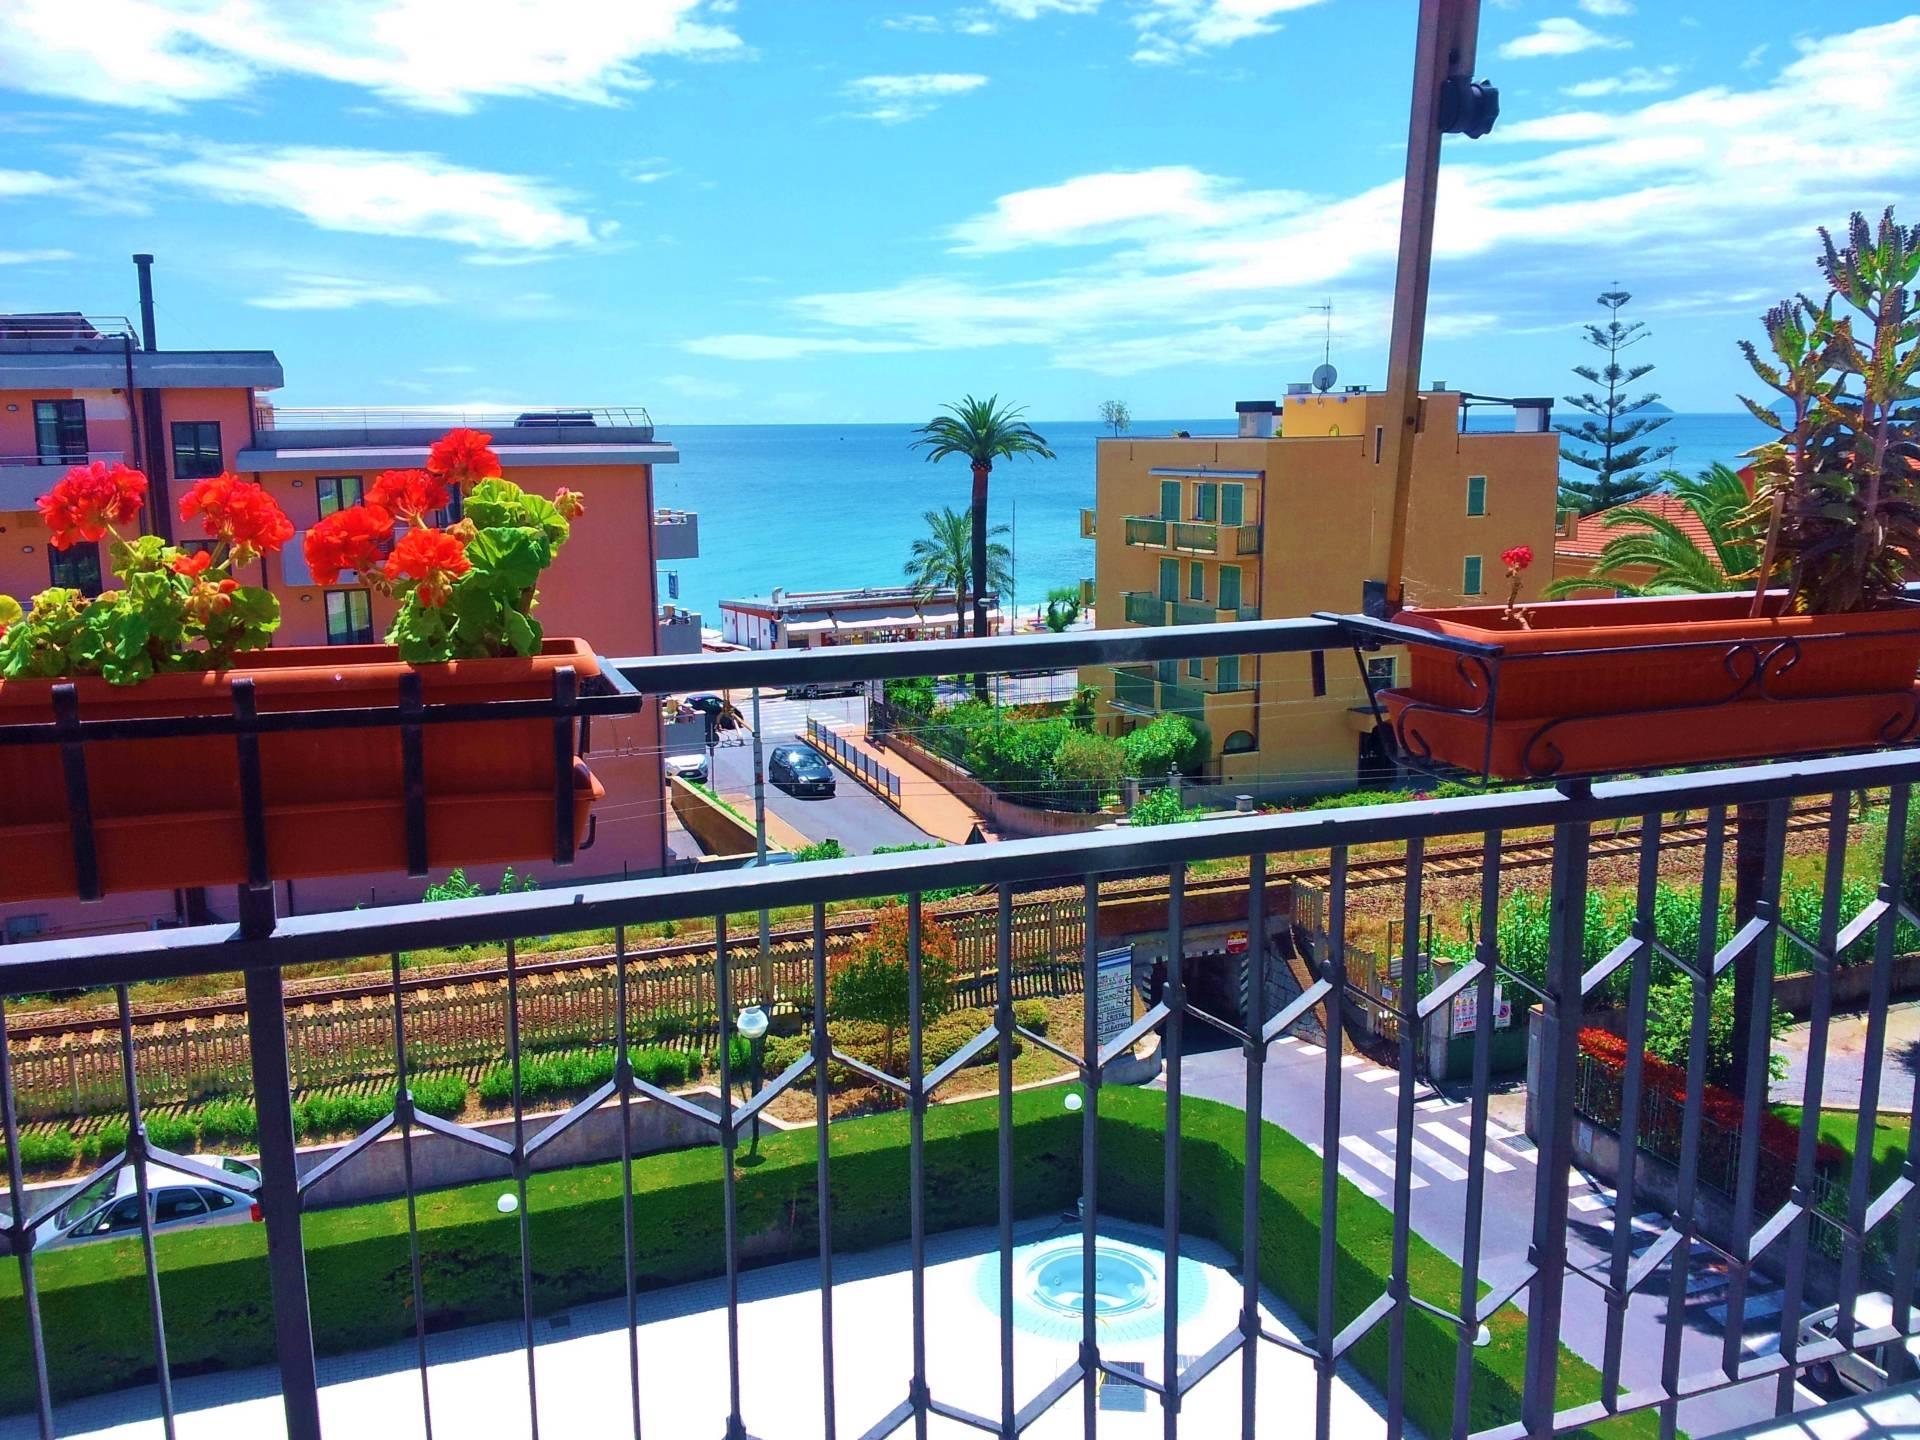 Immobile Turistico in affitto a Pietra Ligure, 4 locali, zona Località: vleRepubblica, Trattative riservate | CambioCasa.it